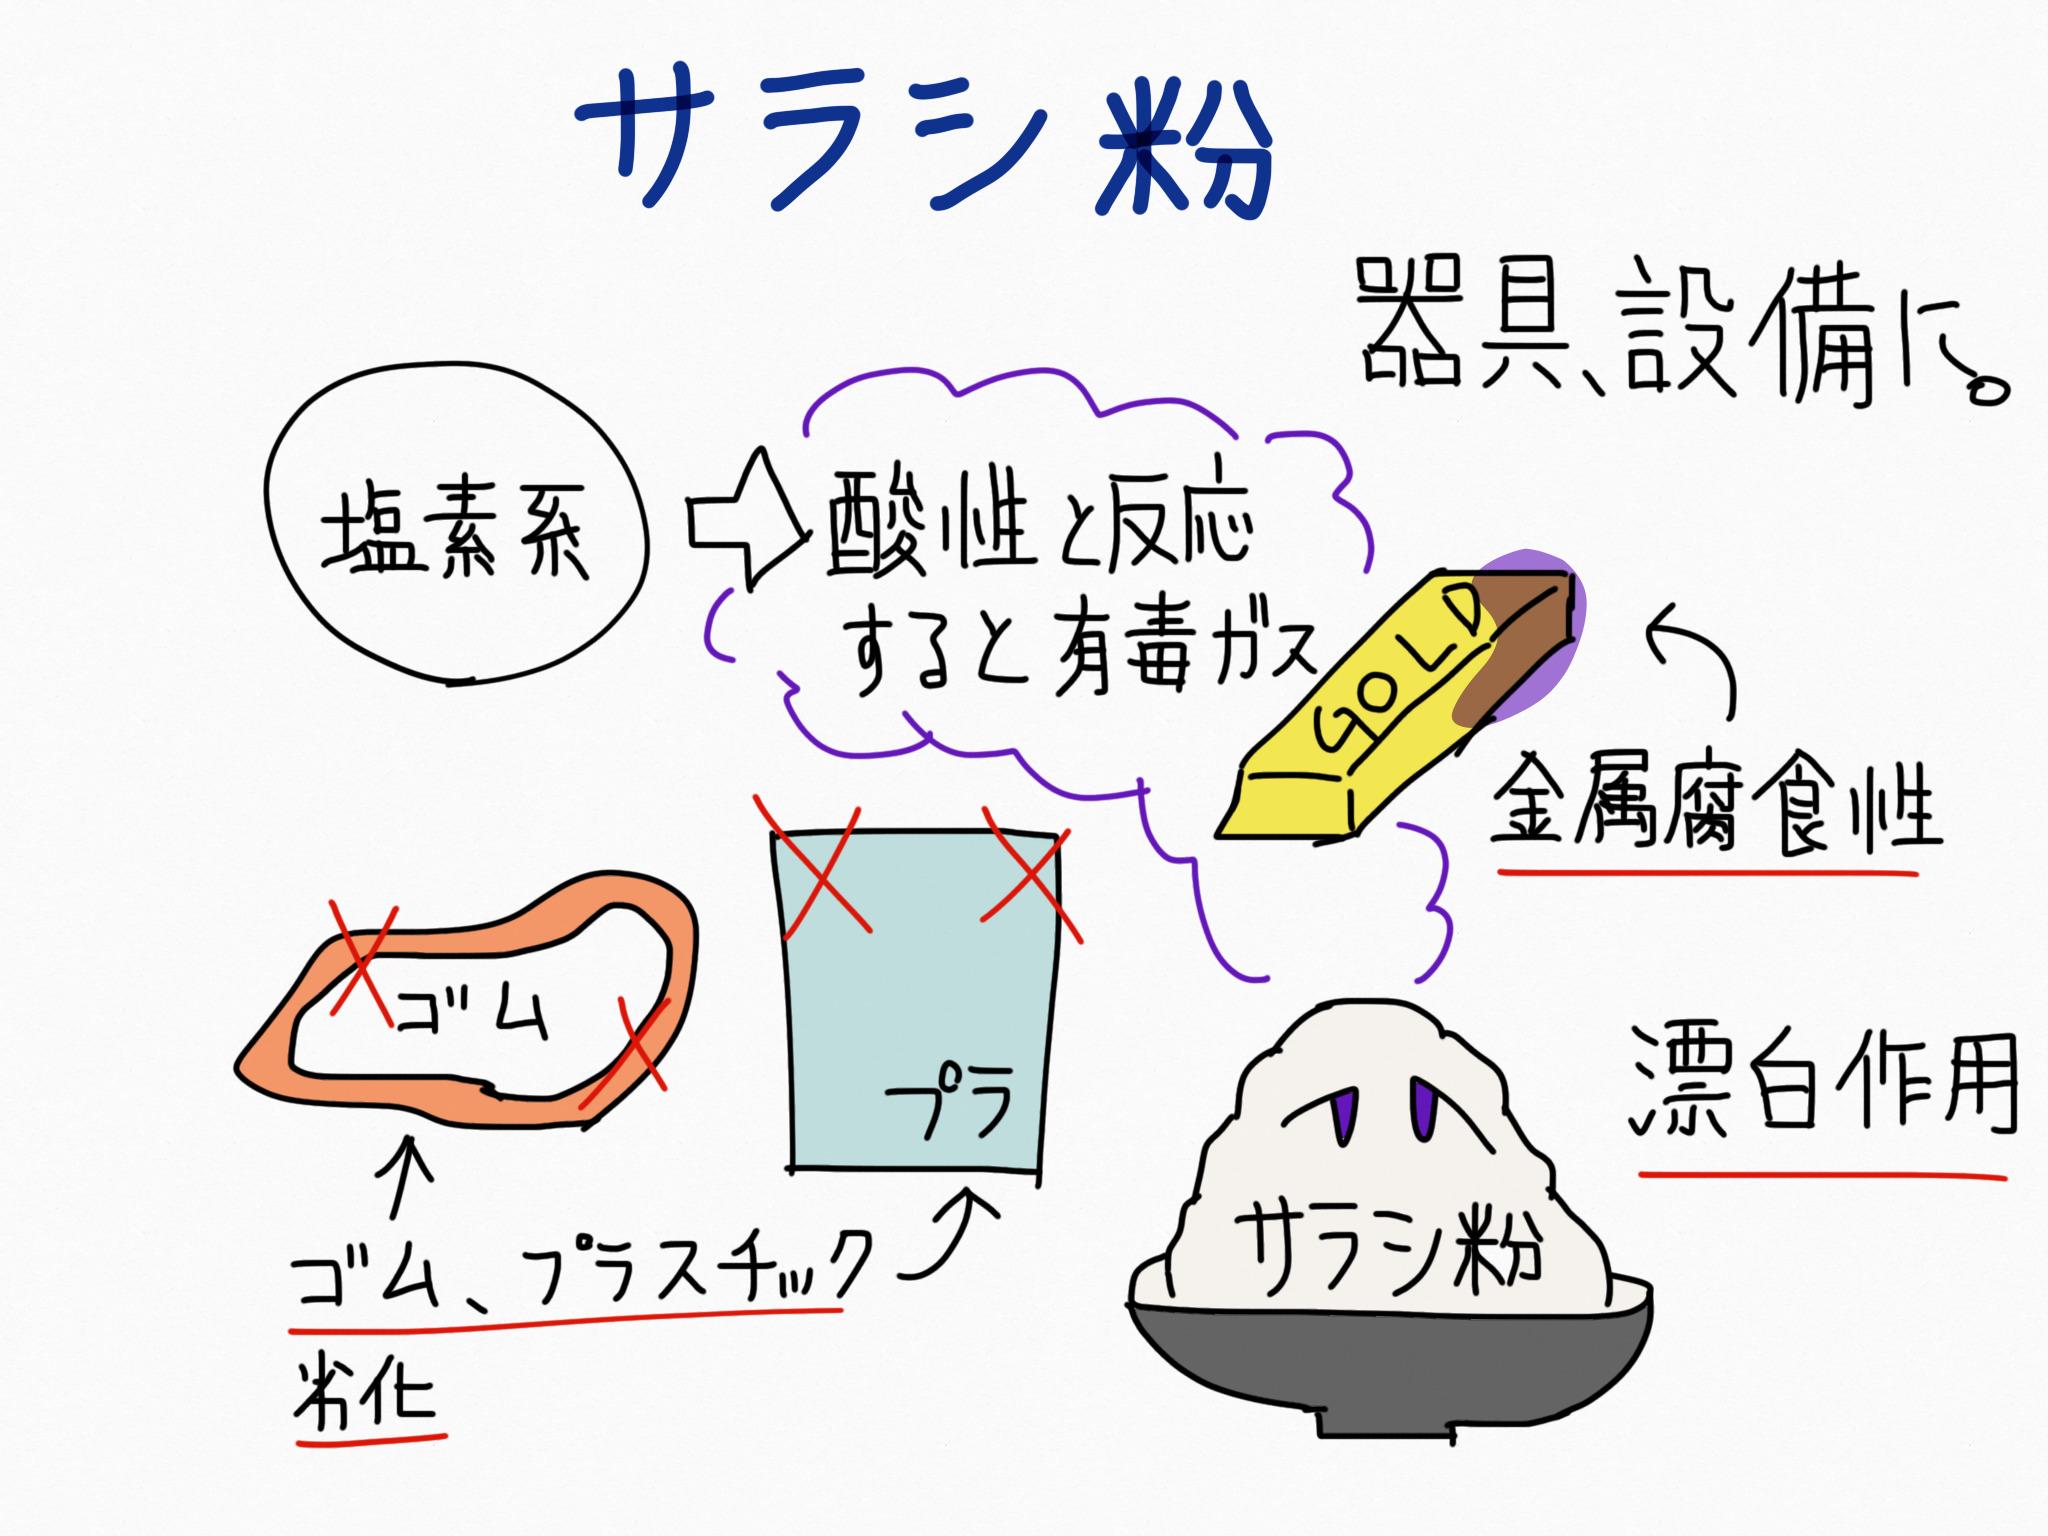 サラシ粉・殺菌消毒成分の覚え方